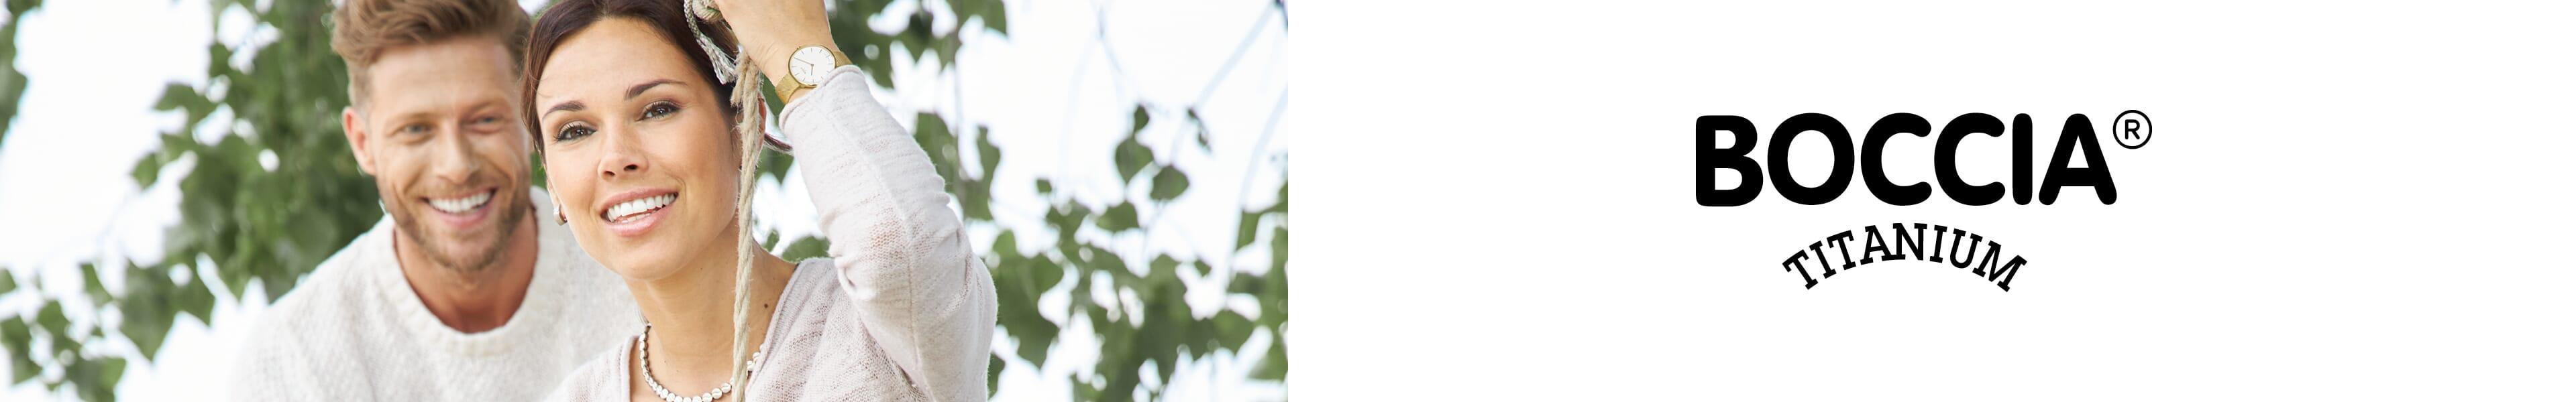 Boccia Titanium Horloges